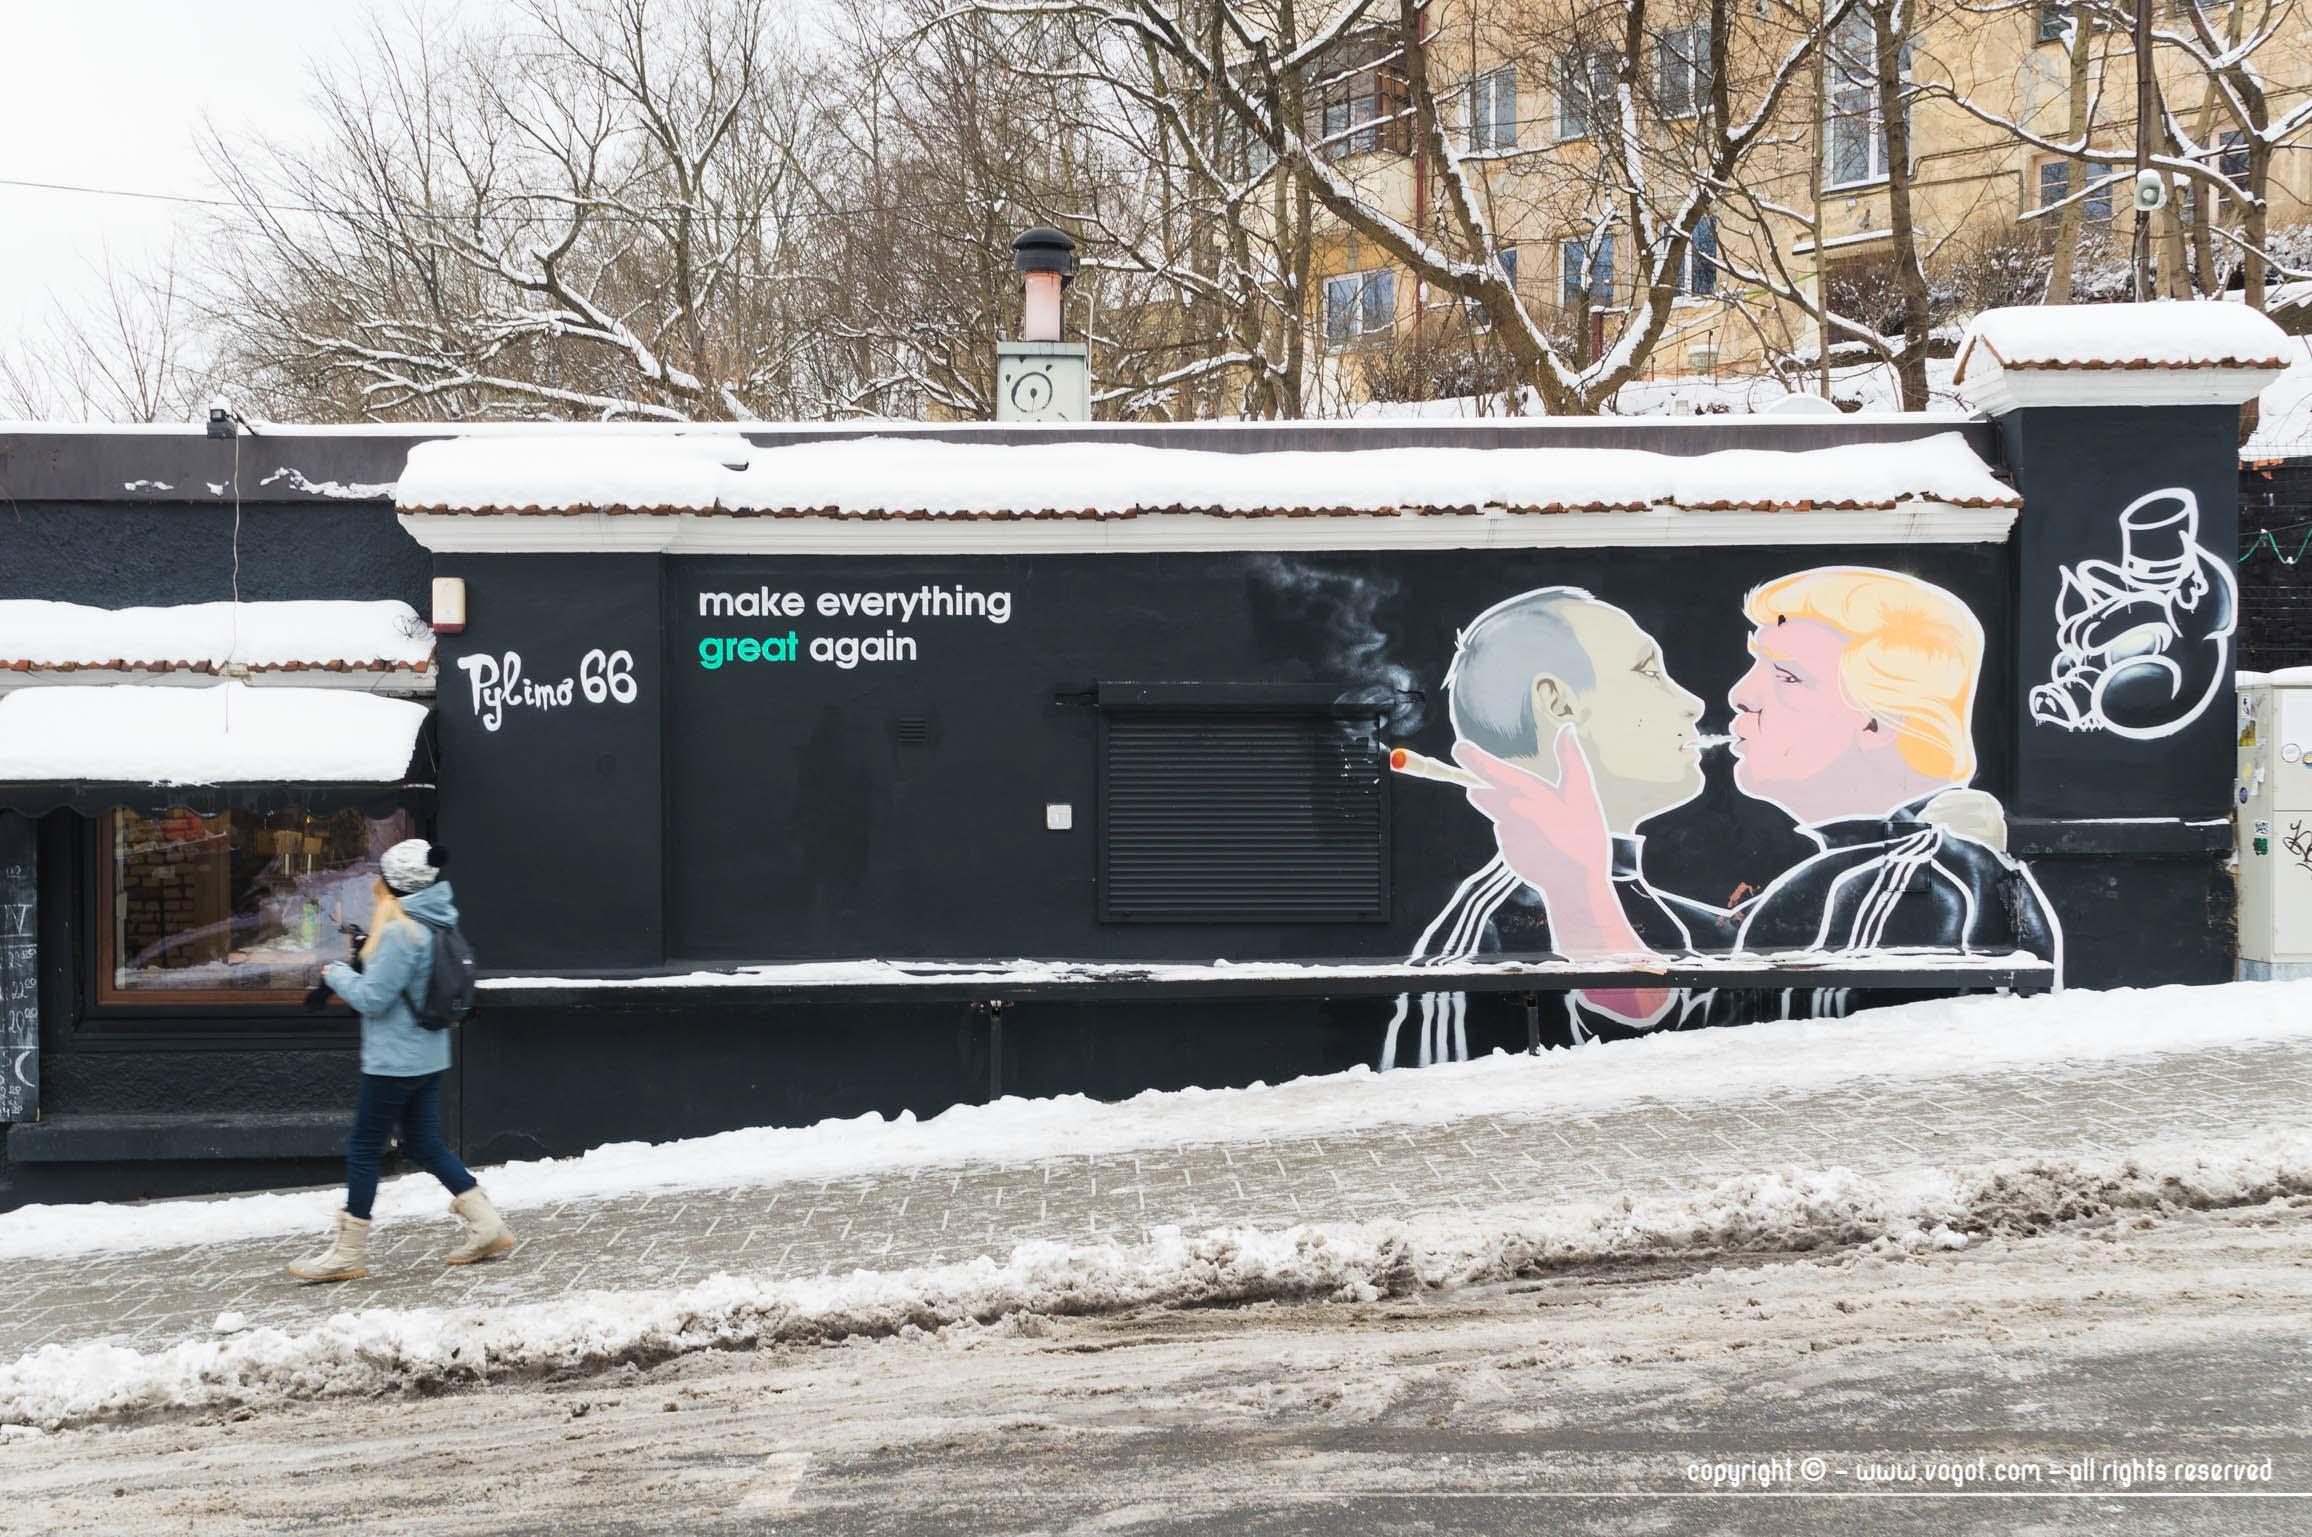 une semaine à Vilnius - Street Art de Trump et Poutine - Keule Ruke